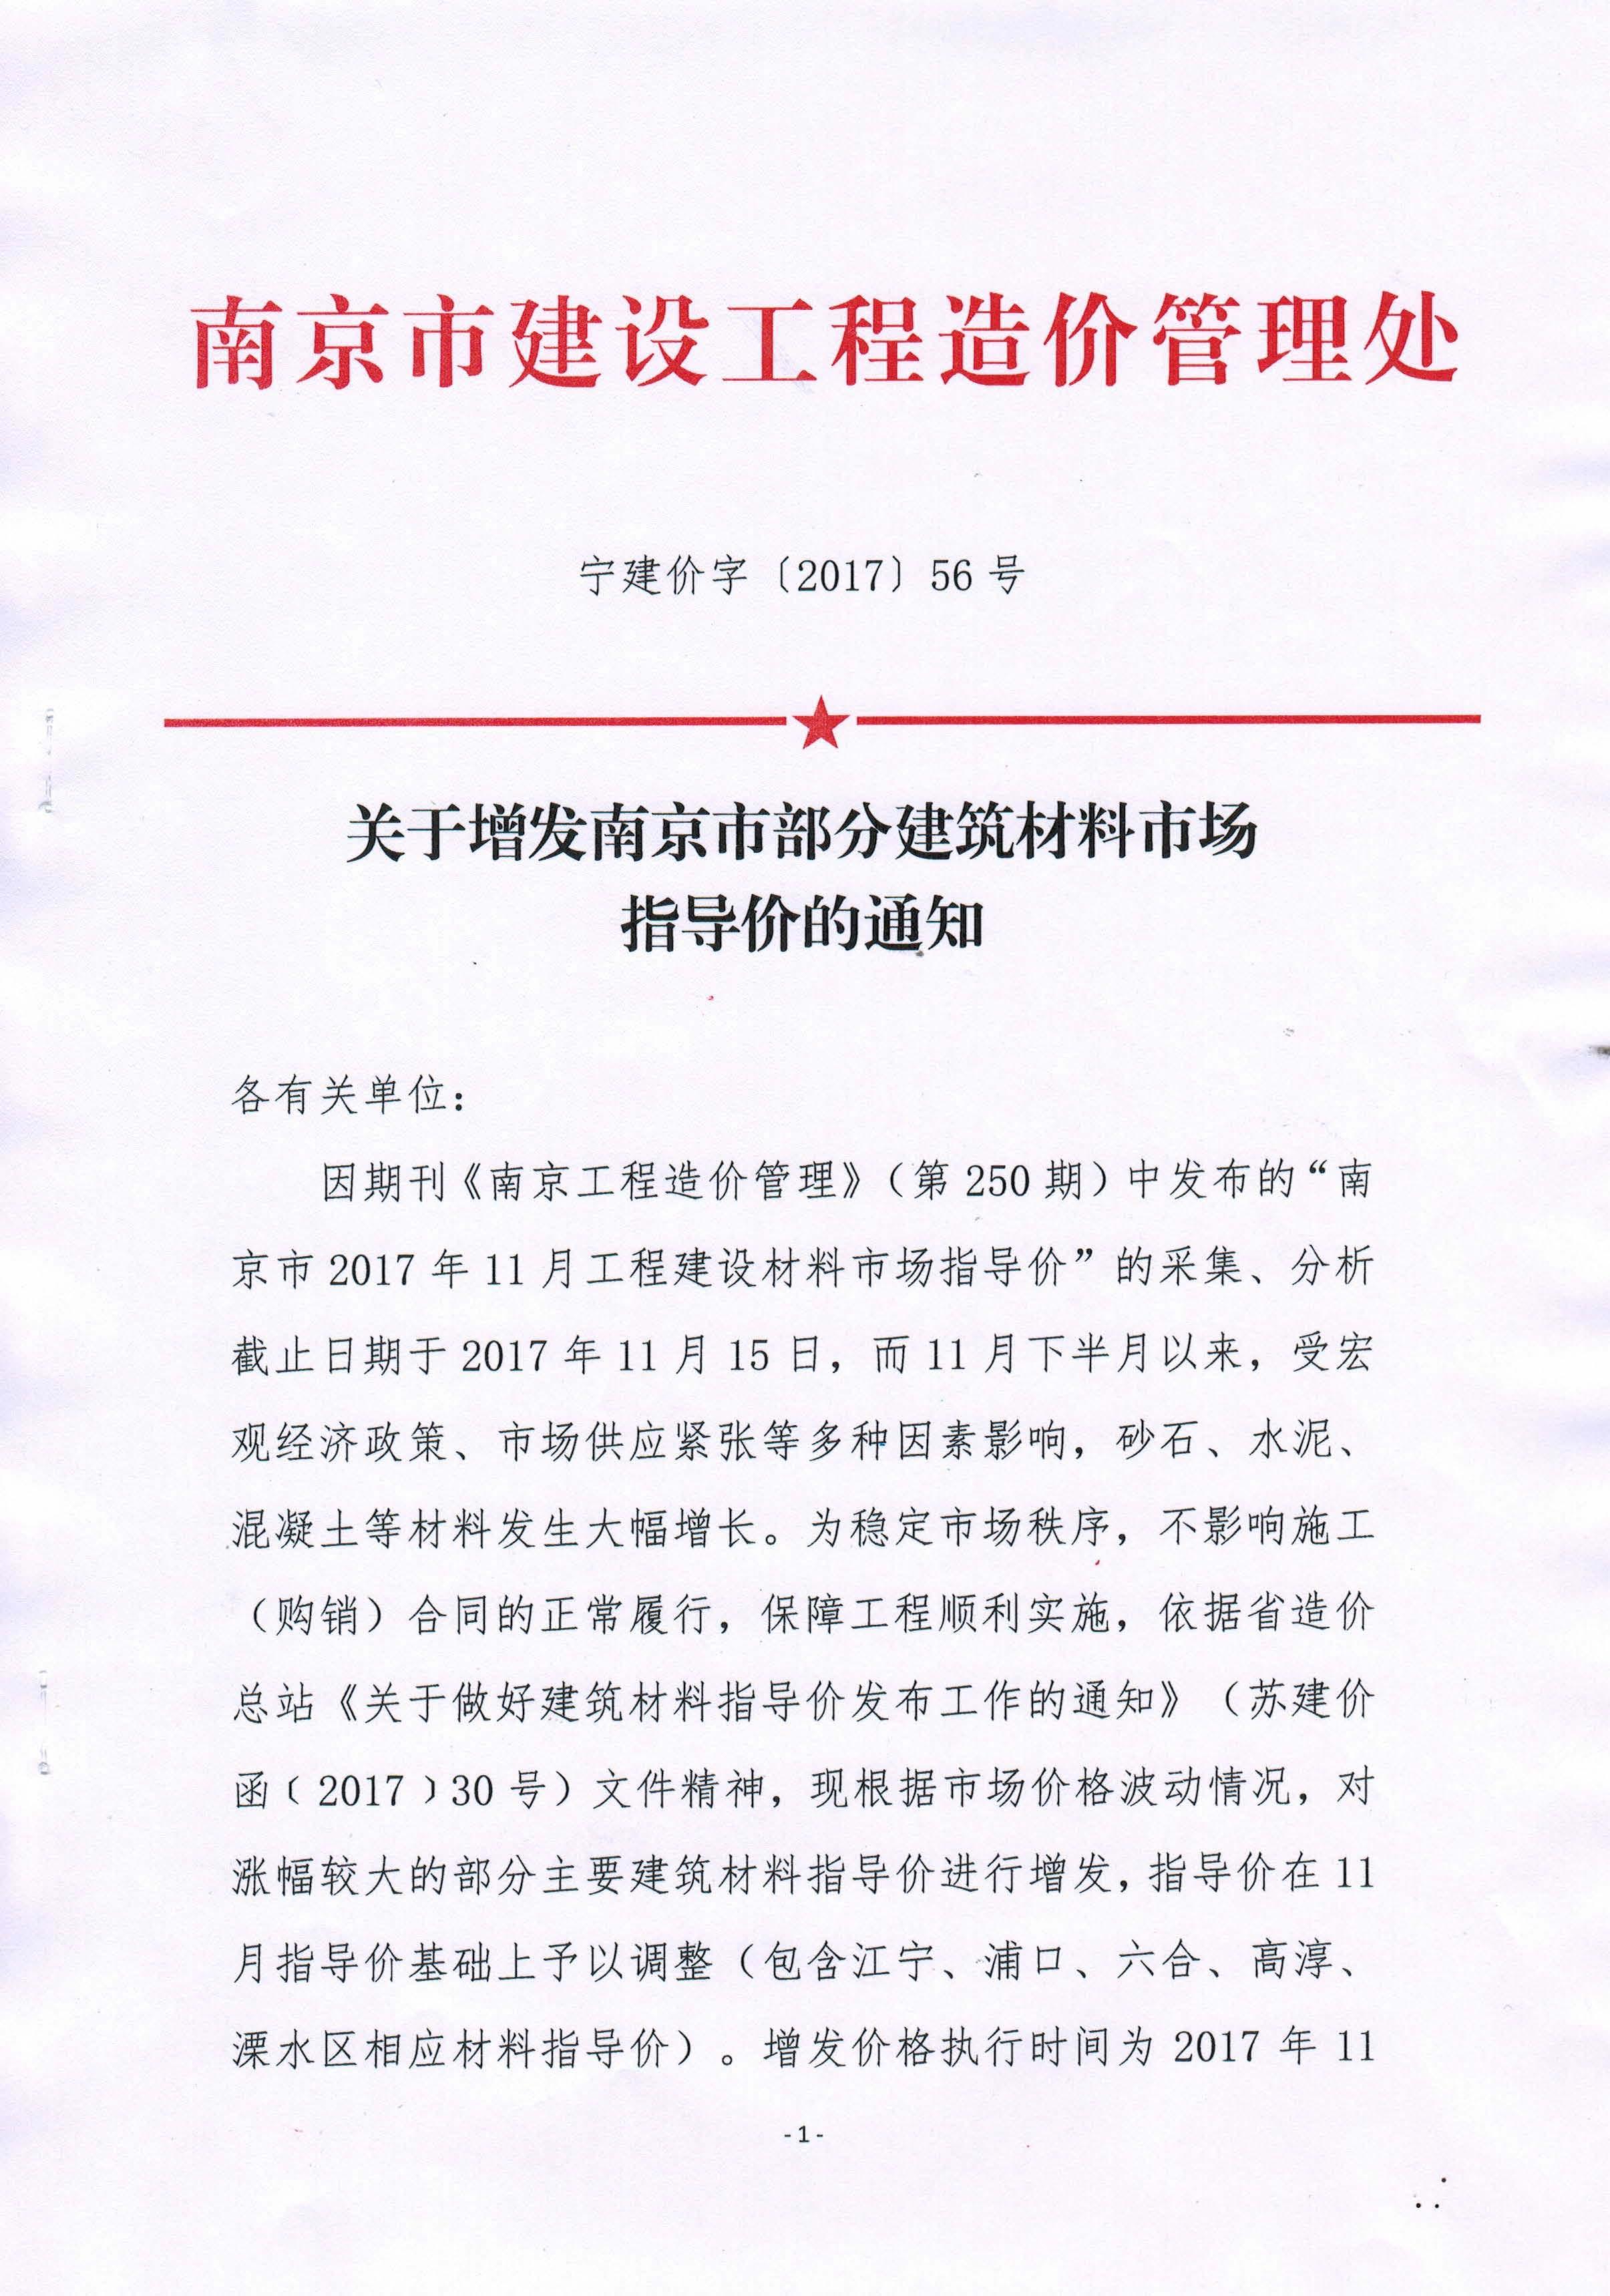 关于增发南京市部分材料市场指导价的通知